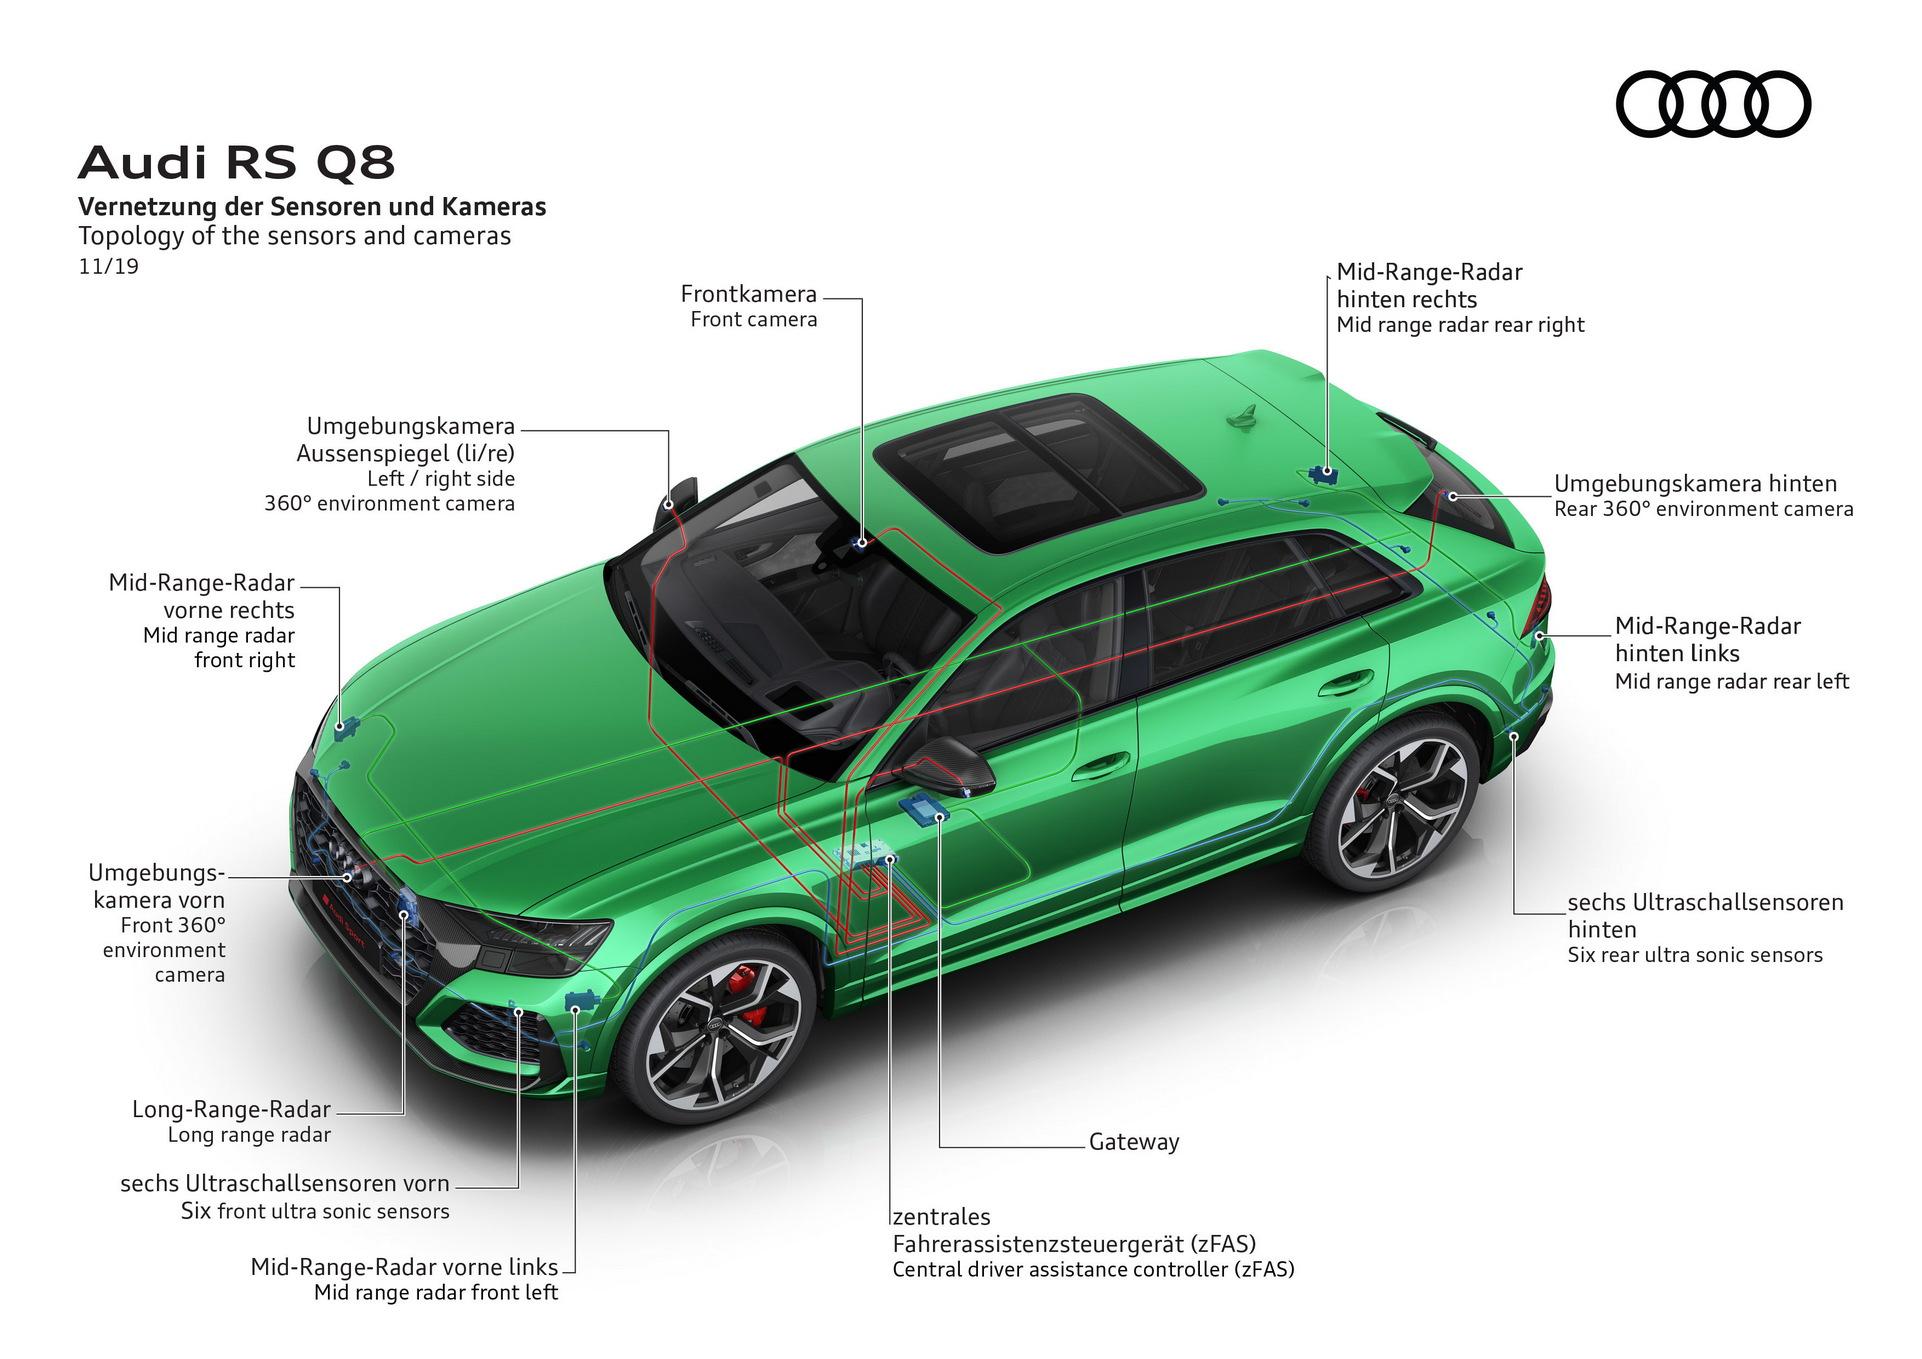 Audi-RS-Q8-65